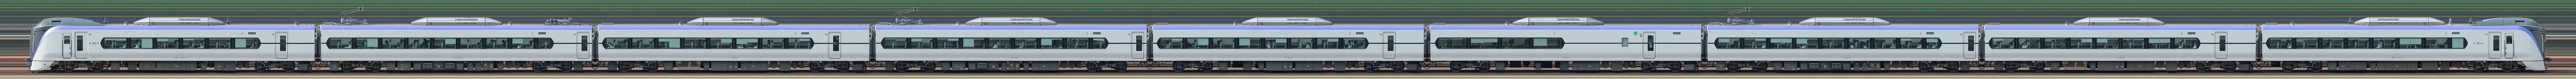 JR東日本 中央東線 E353系S113編成(山側)の編成サイドビュー